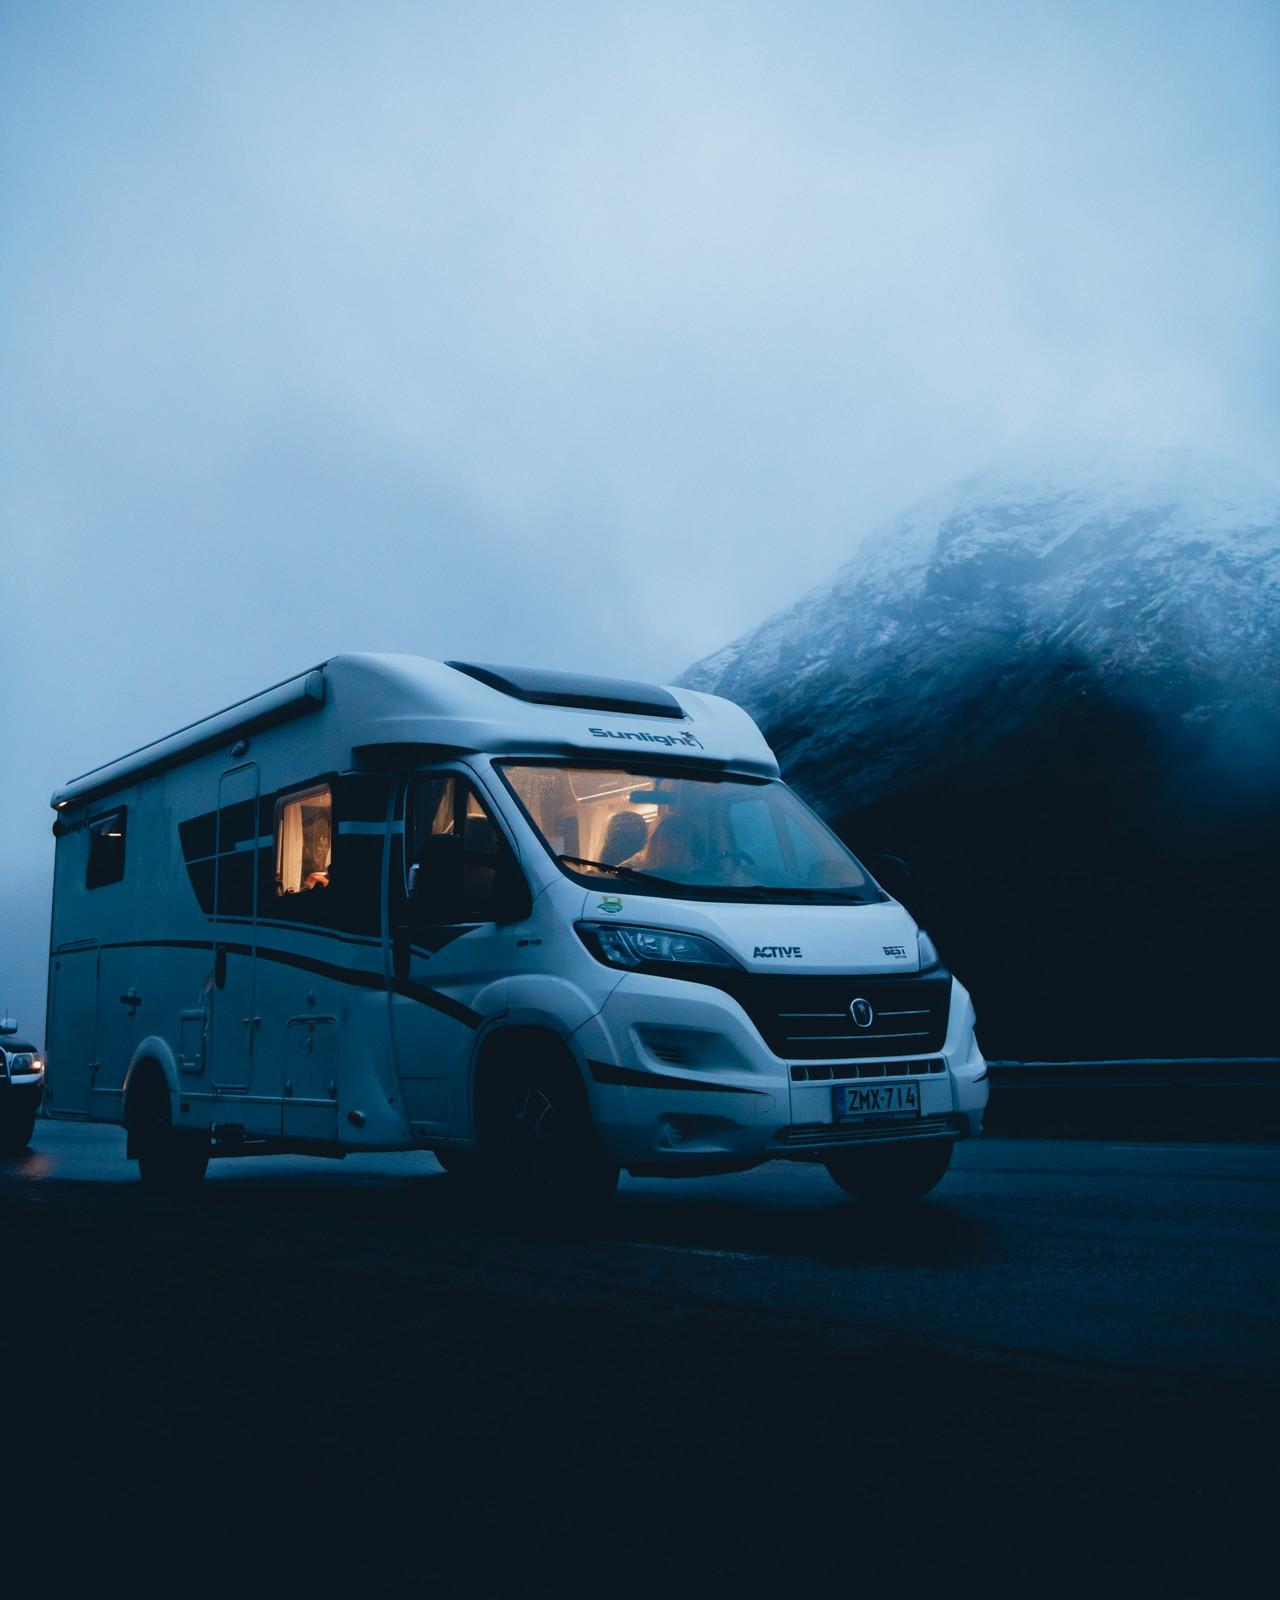 Etätoimiston valot hohtavat matkailuautosta pimeällä.